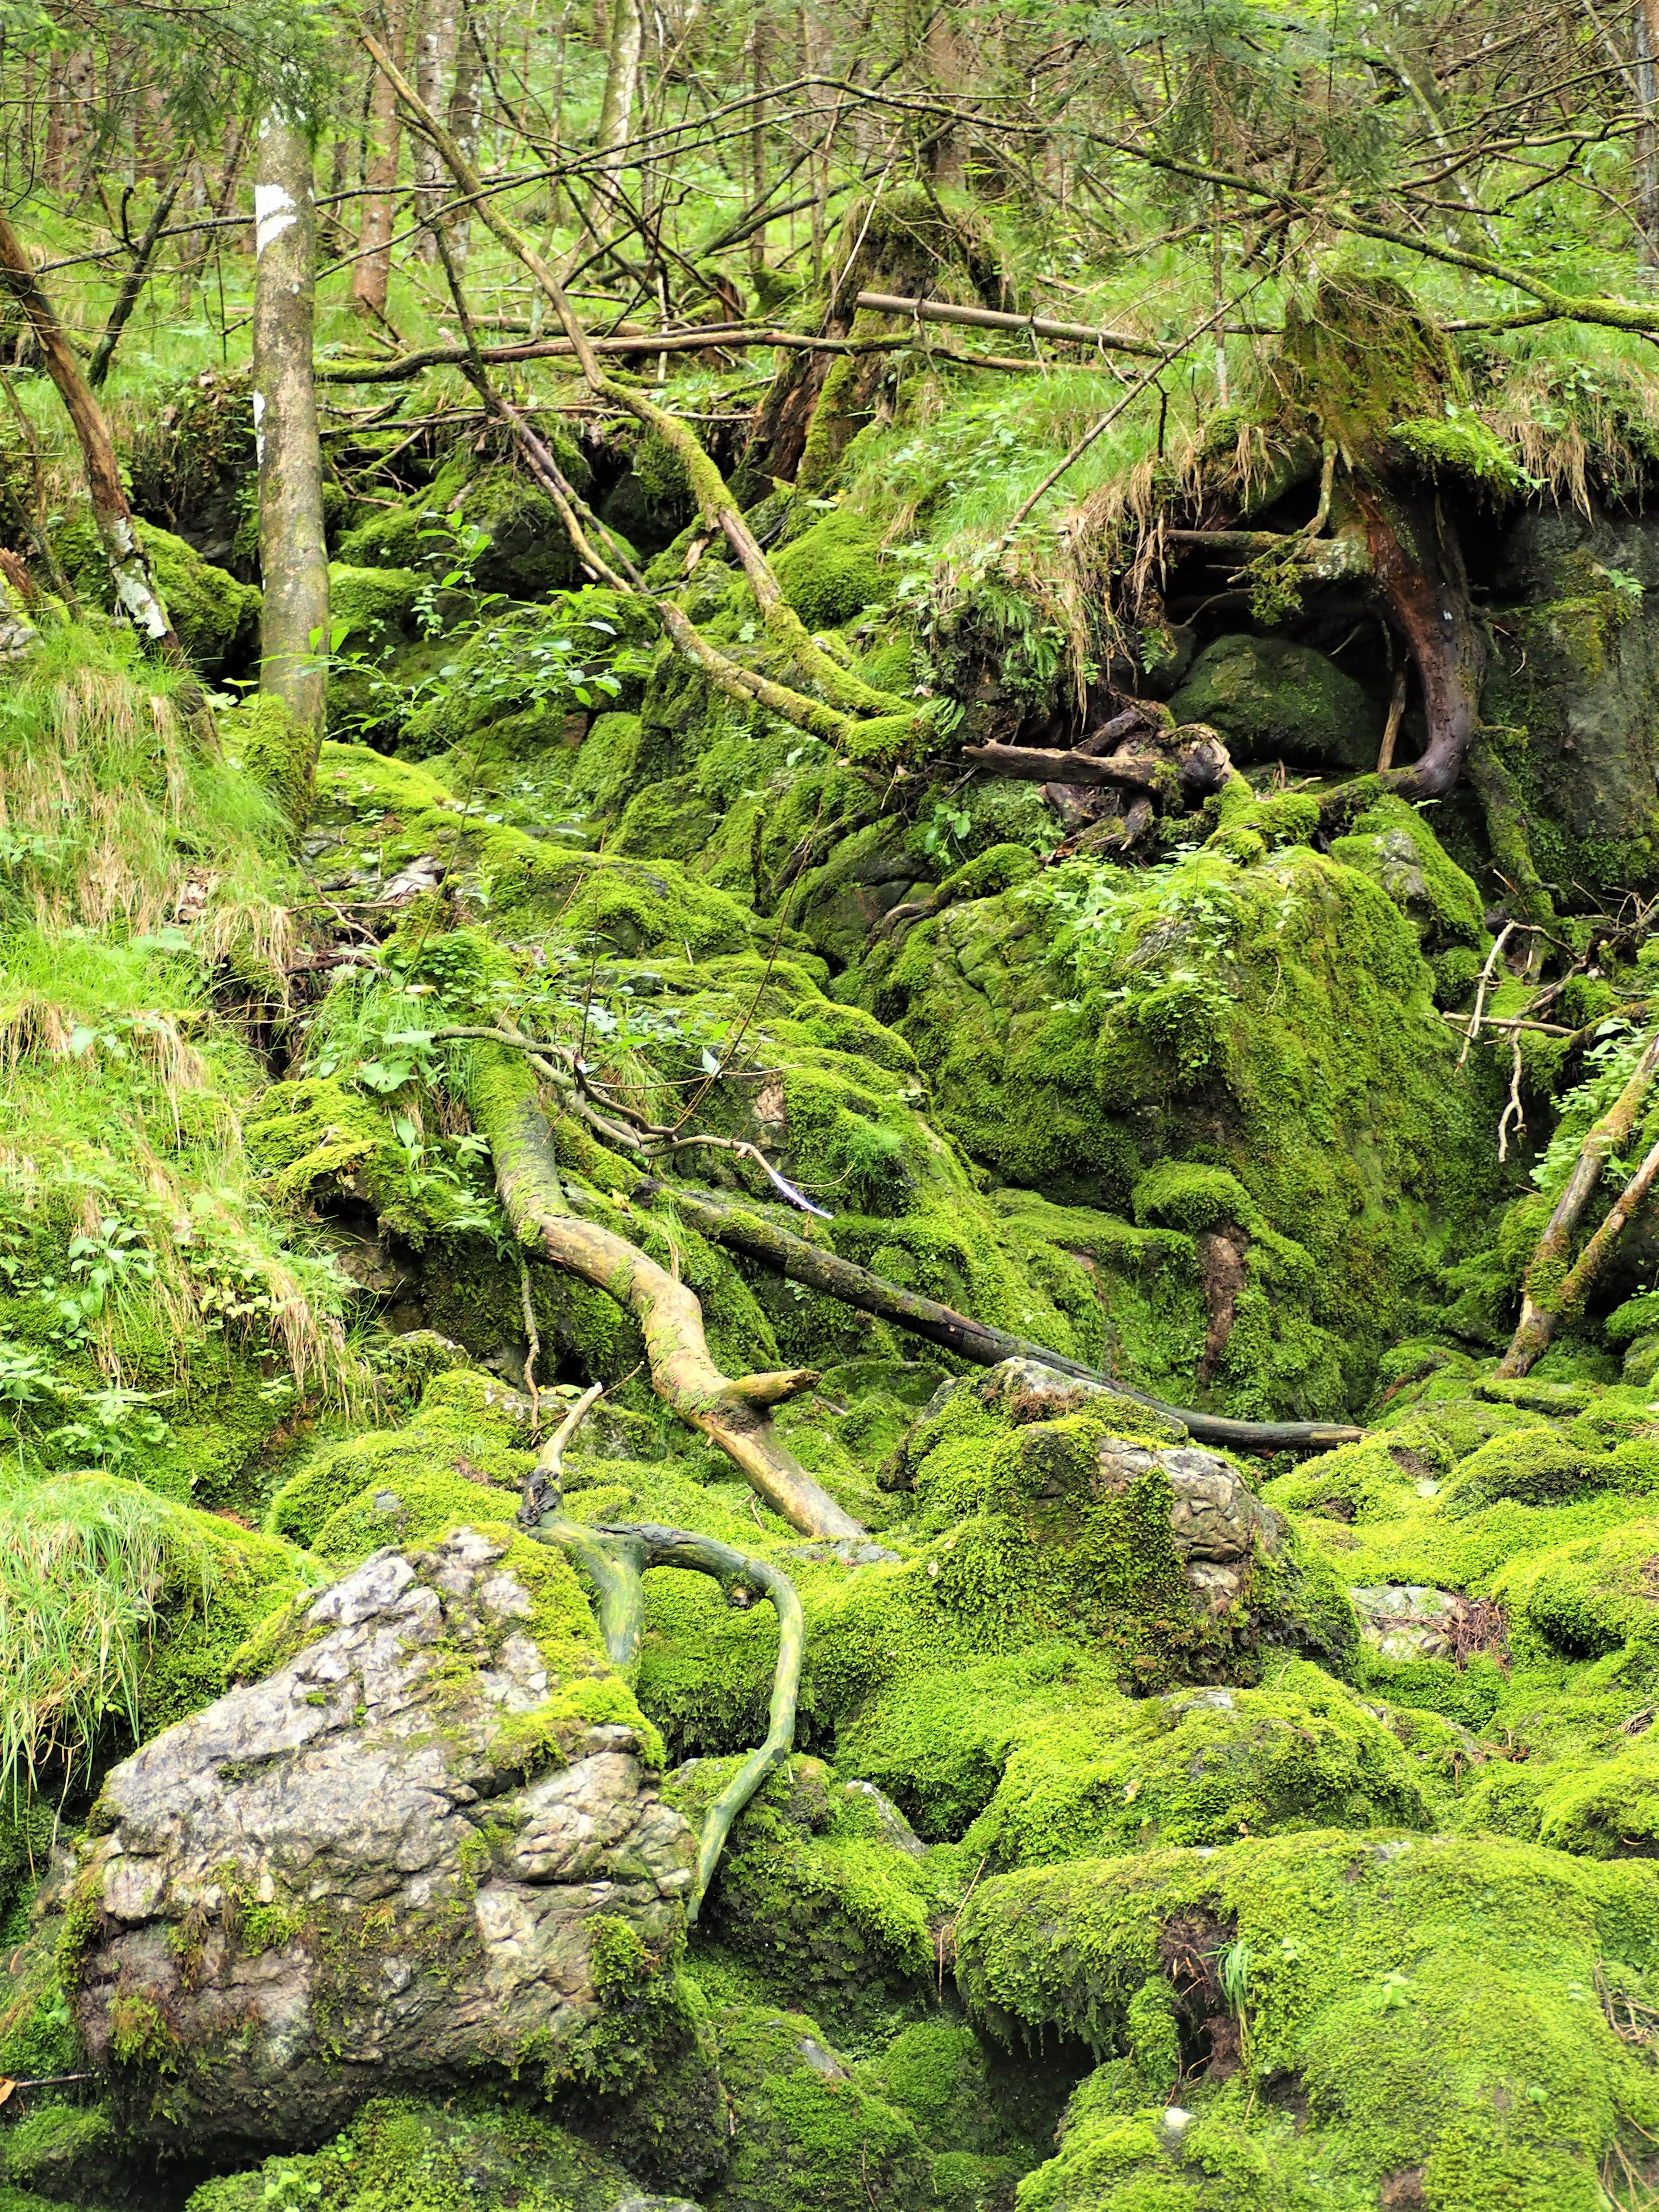 chemin-de-randonnee-depuis-Ramsau-bei-Berchtesgaden-Allemagne-pour-aller-jusquau-lac-Hintersee